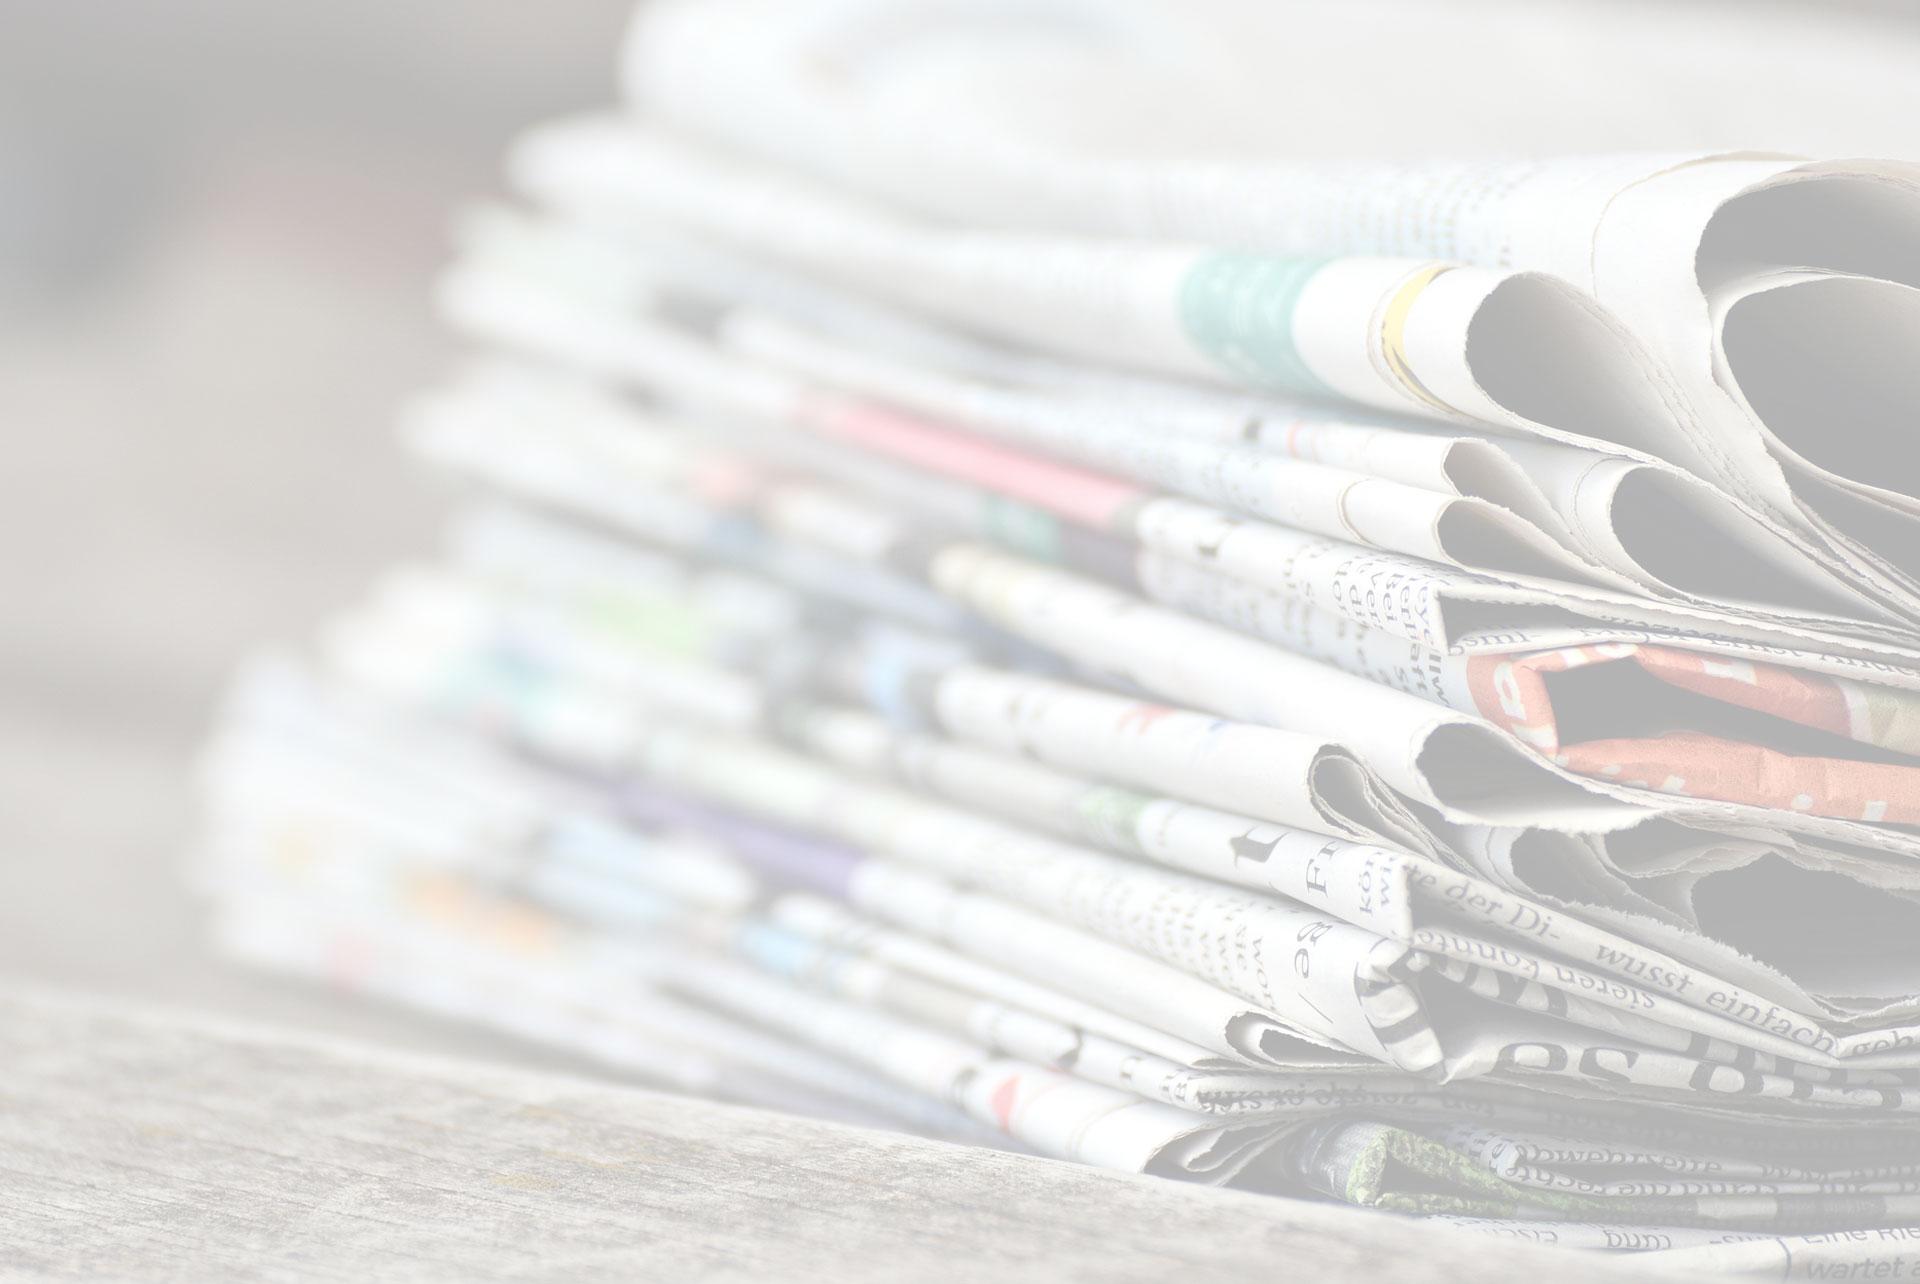 Libano: Conte, 'nuovo governo rafforza stabilità e unità Paese'